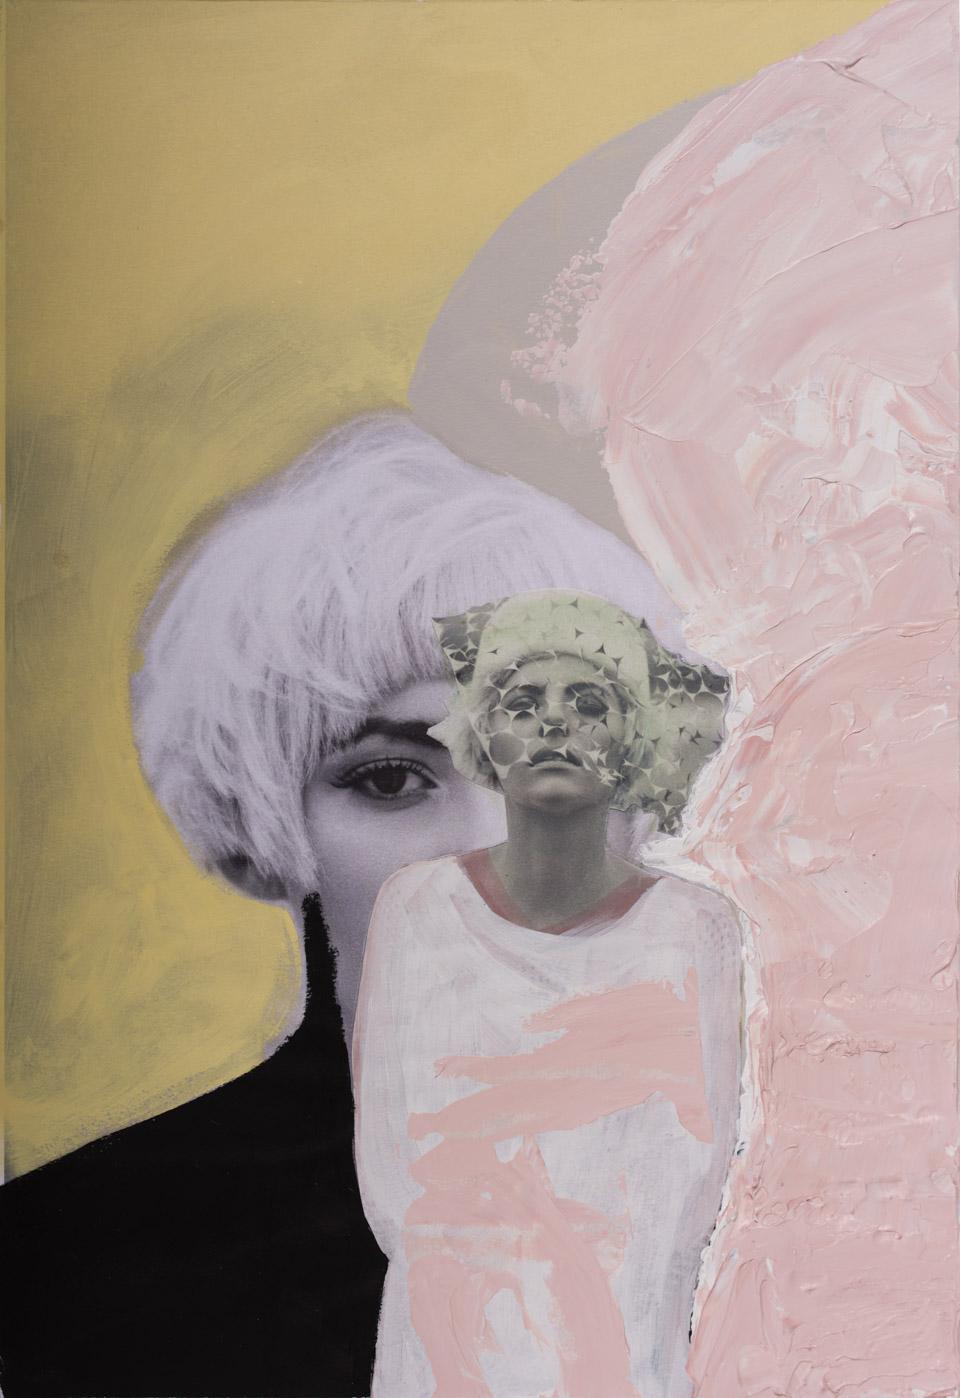 painted_woman1.jpg